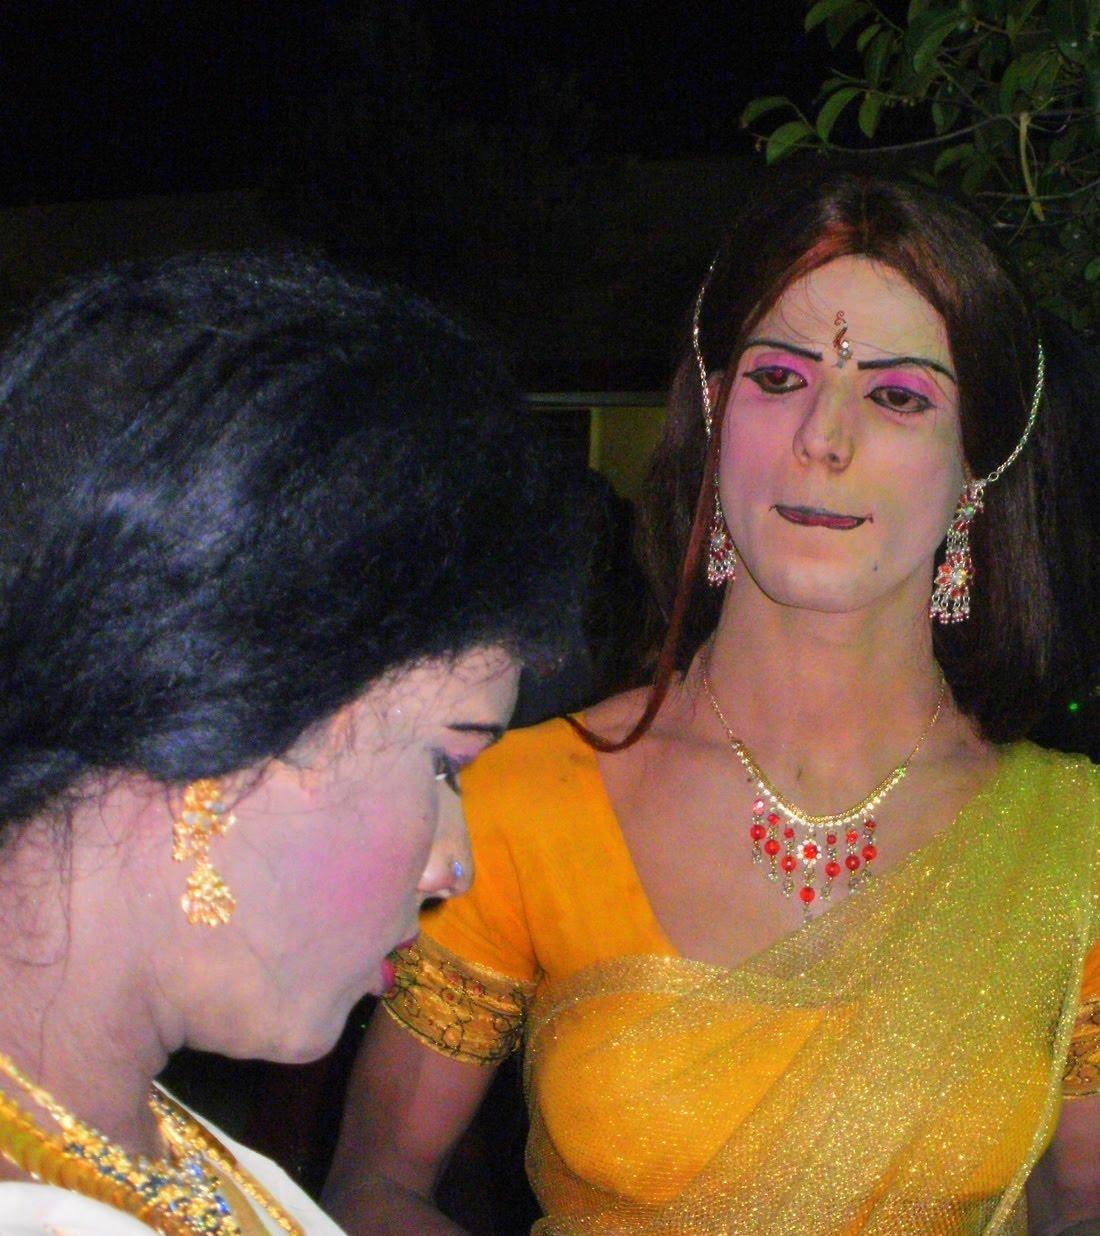 crossdresser stories Indian